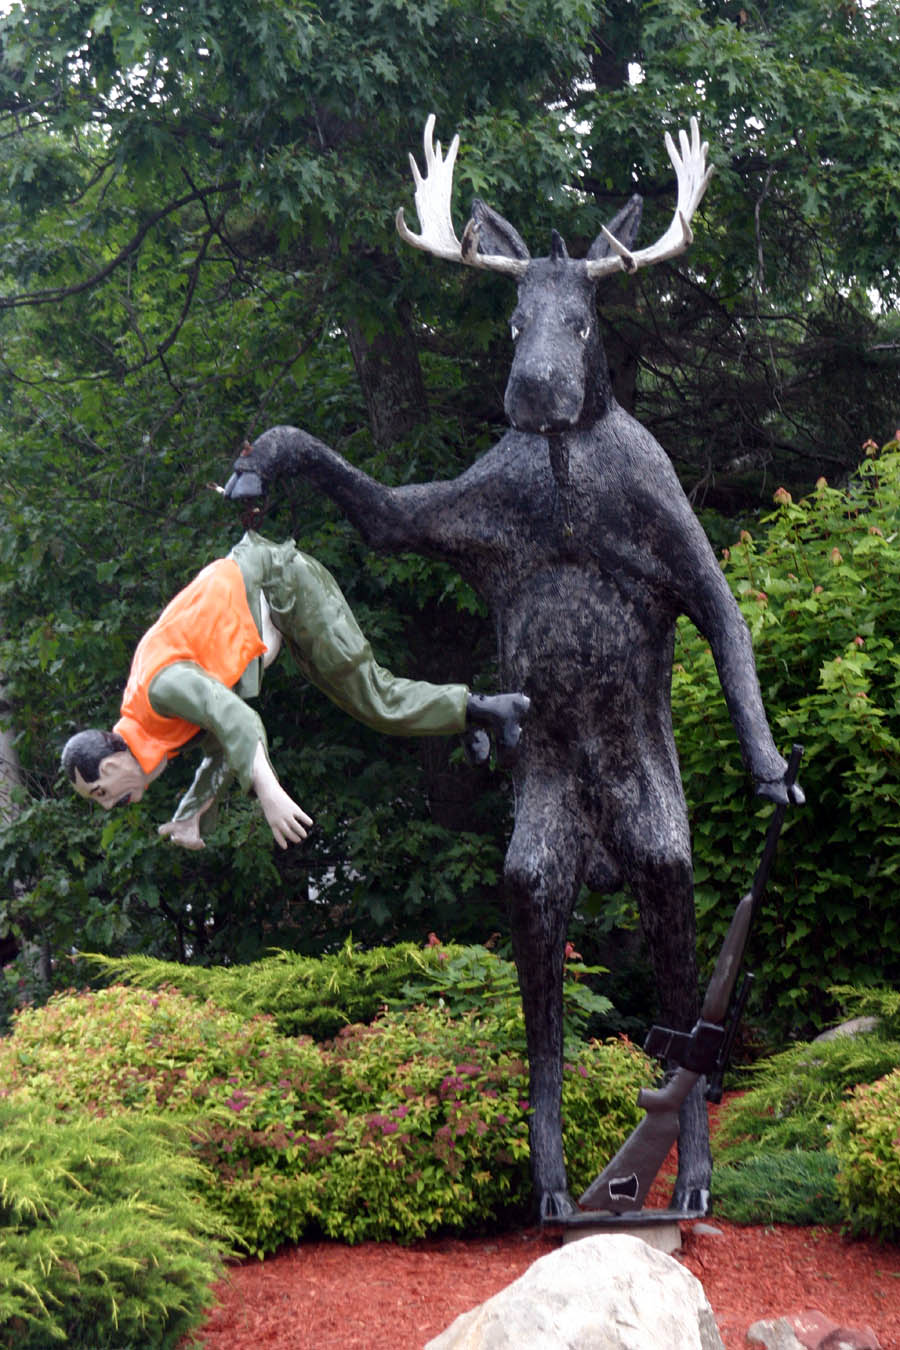 hindu single men in moose Meet single men in moose jaw sk online & chat in the forums dhu is a 100% free dating site to find single men in moose jaw.